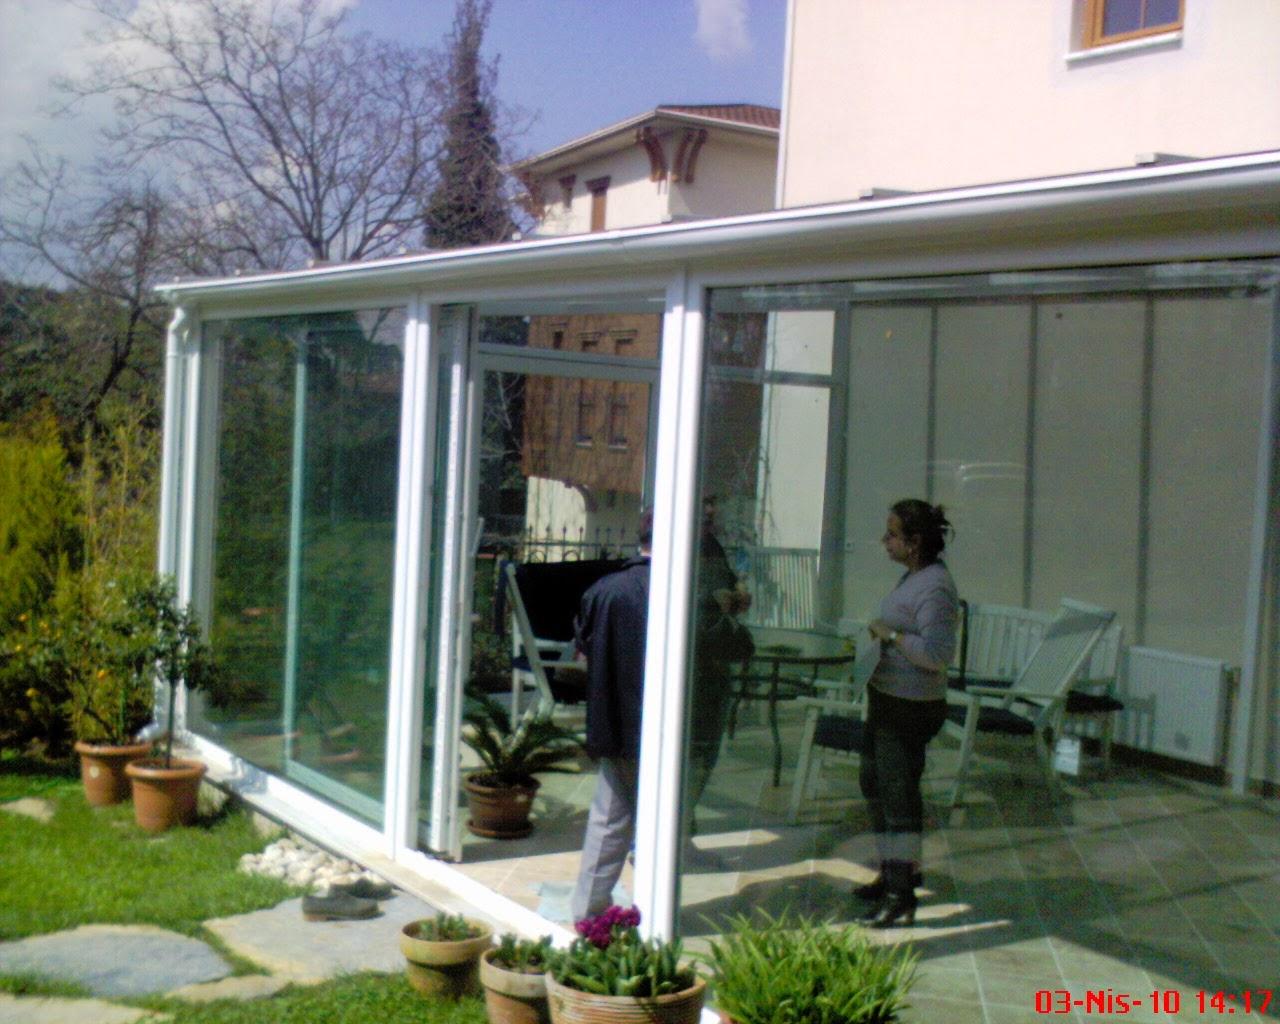 Çengelköy giriş teras cam tavan kış bahçesi sistemleri uygulama